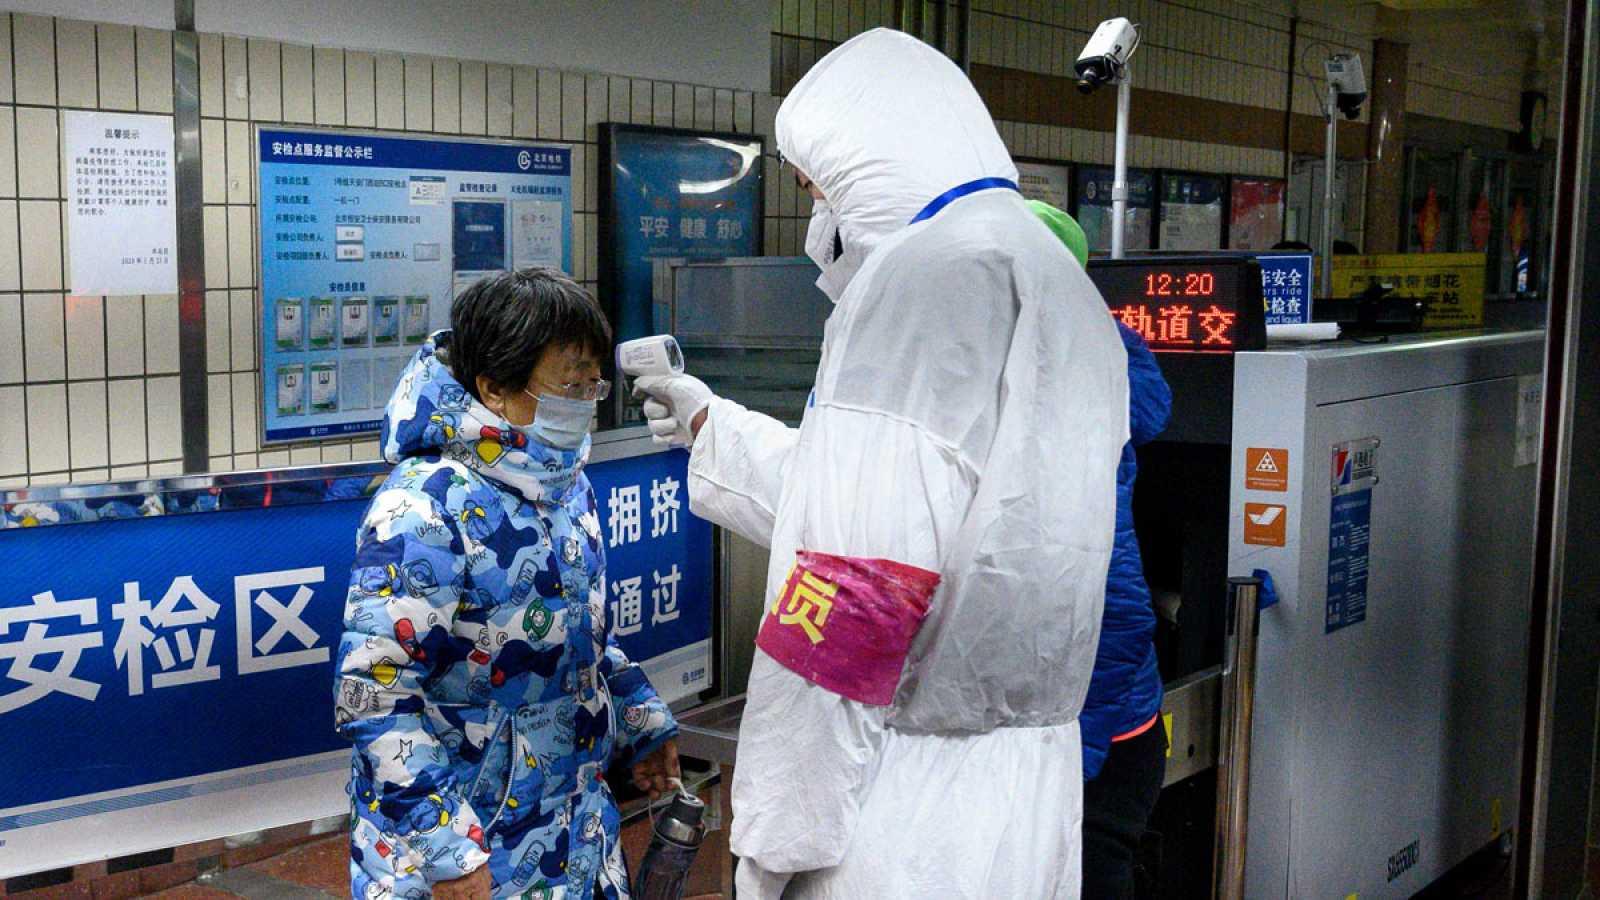 Comprueban la temperatura de los pasajeros en la entrada a una estación de metro en Pekín.